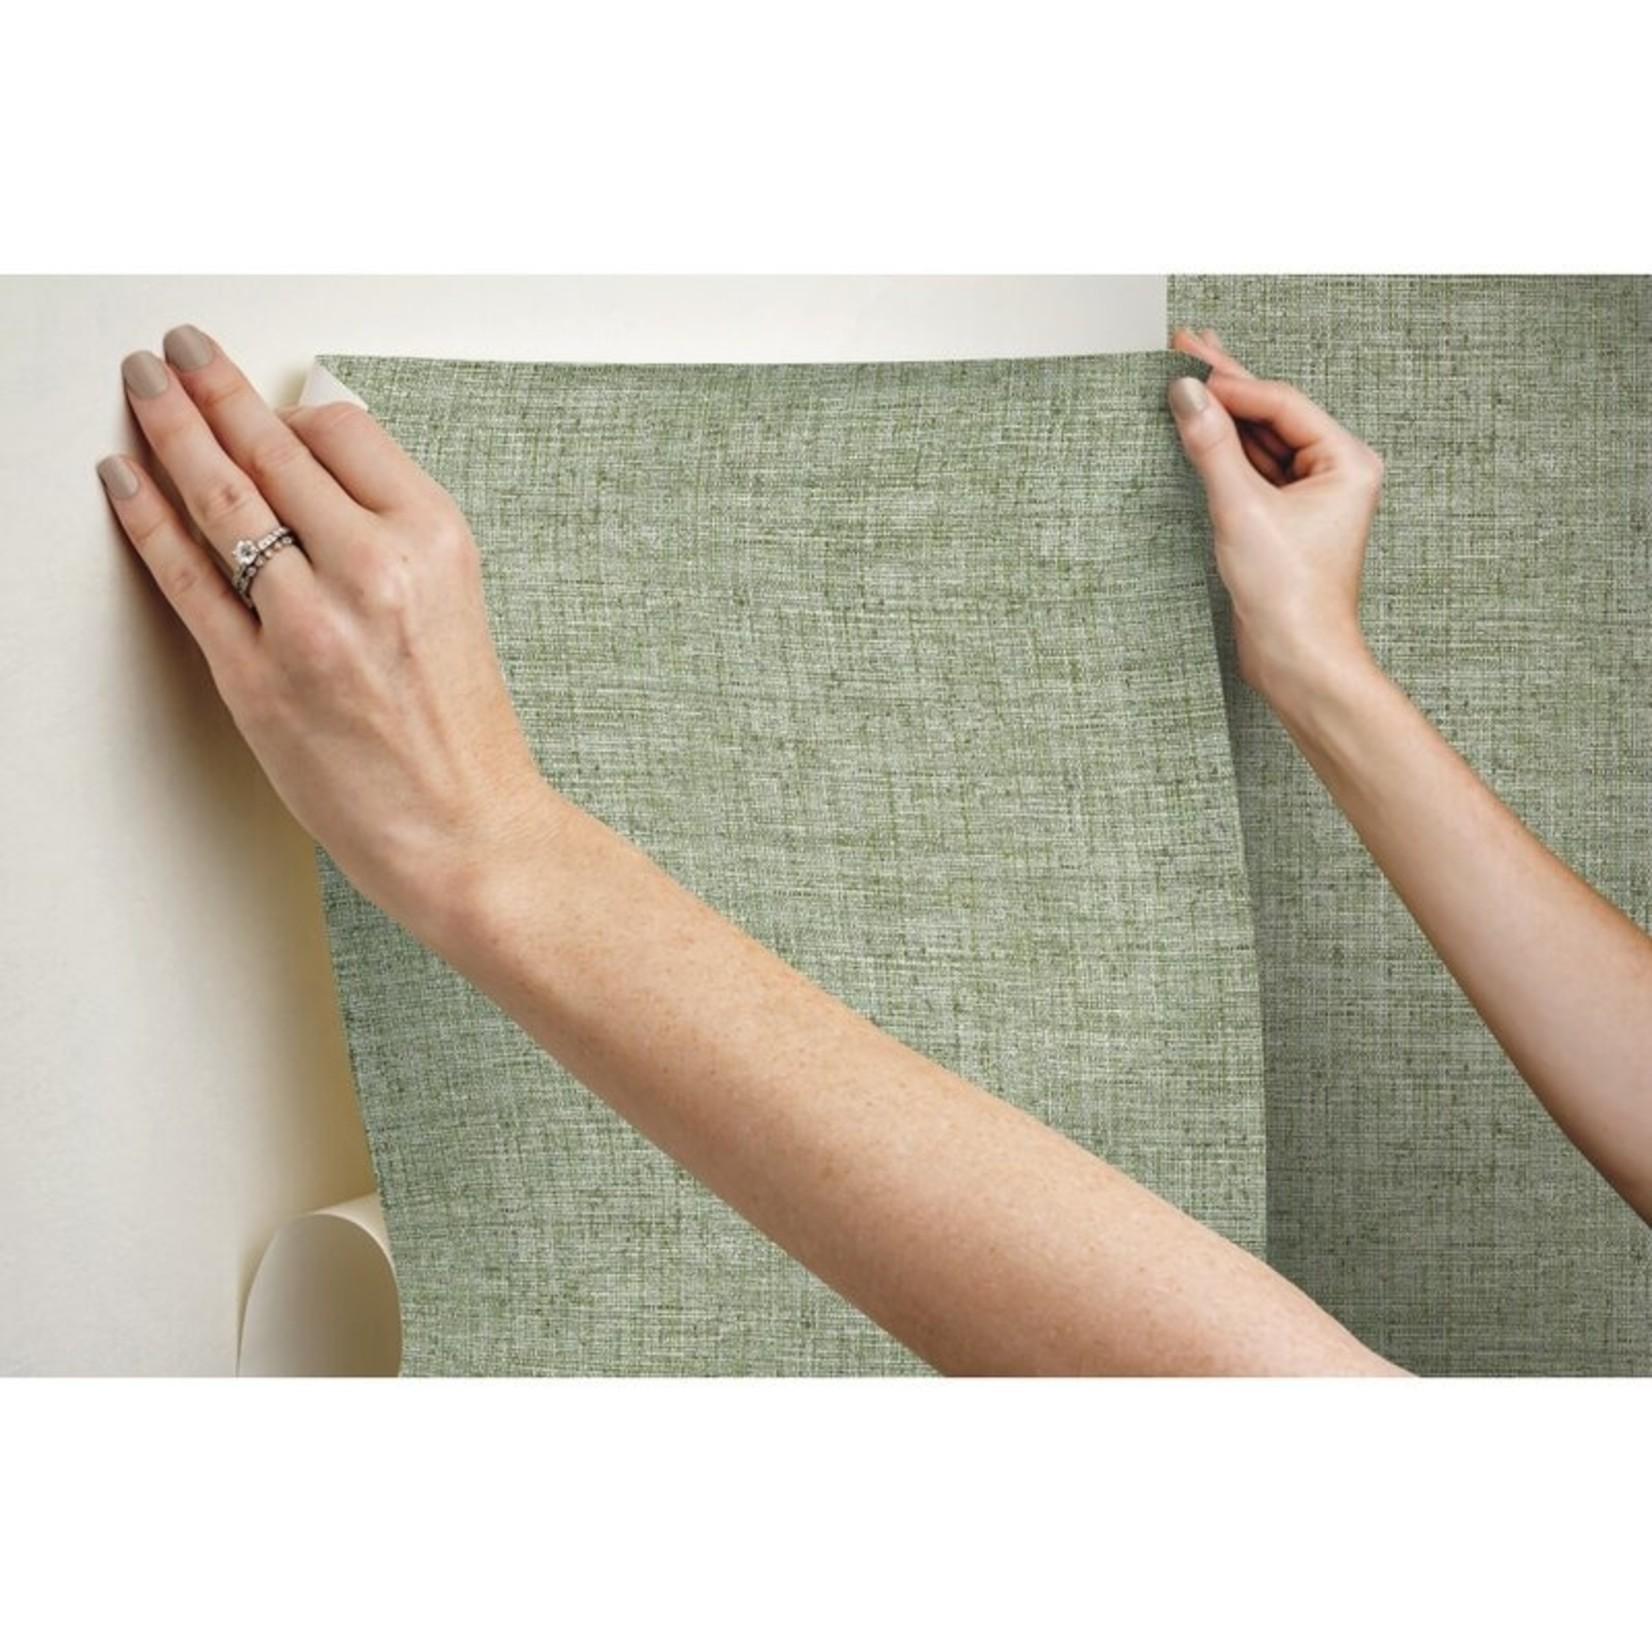 """*Helsinki Papyrus Weave 20' L x 27"""" W Peel and Stick Wallpaper Roll - 45 Sq.Ft."""